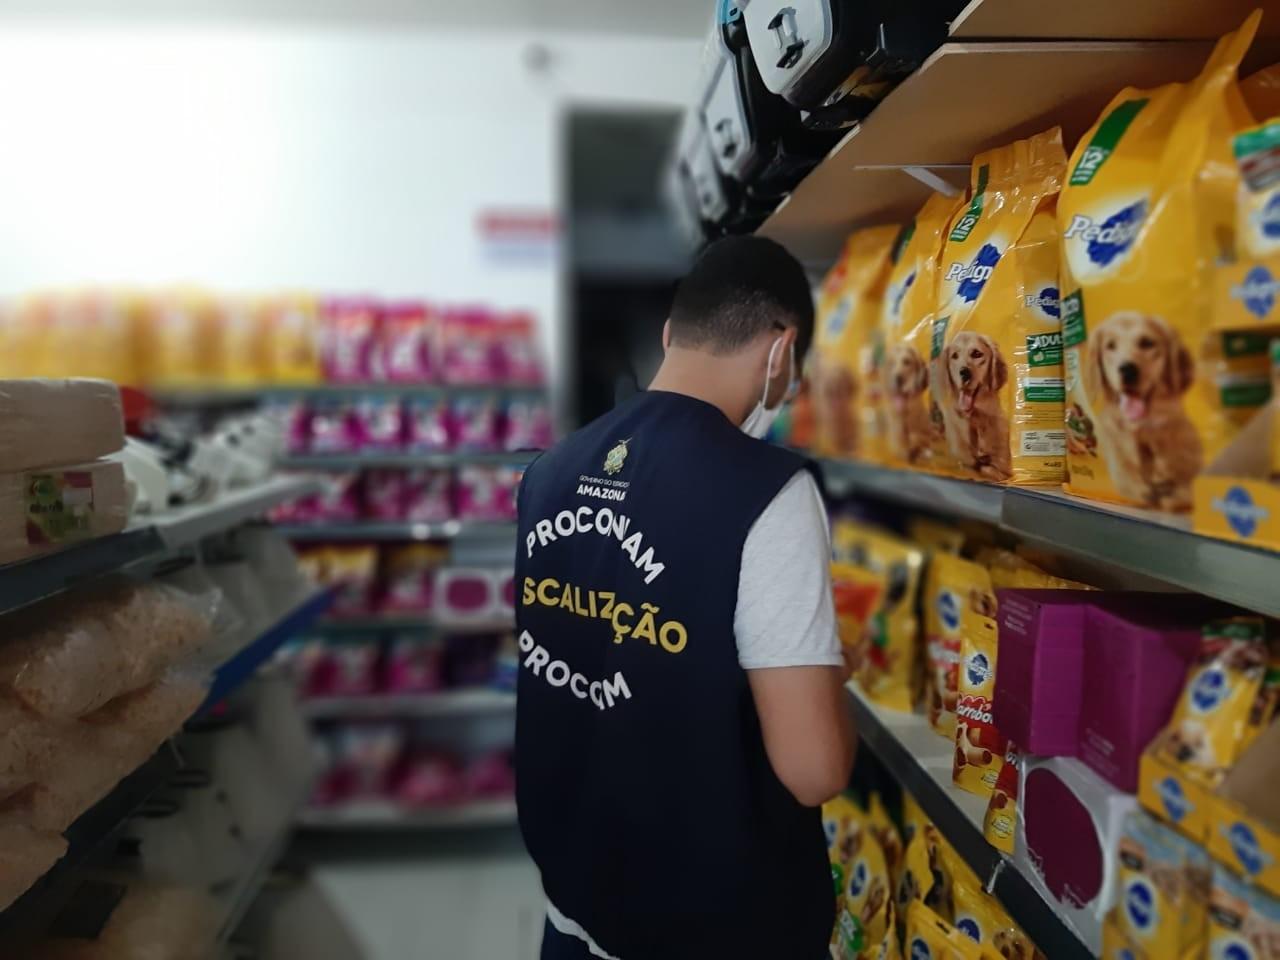 348 quilos de produtos vencidos são apreendidos em pet shop em Manaus